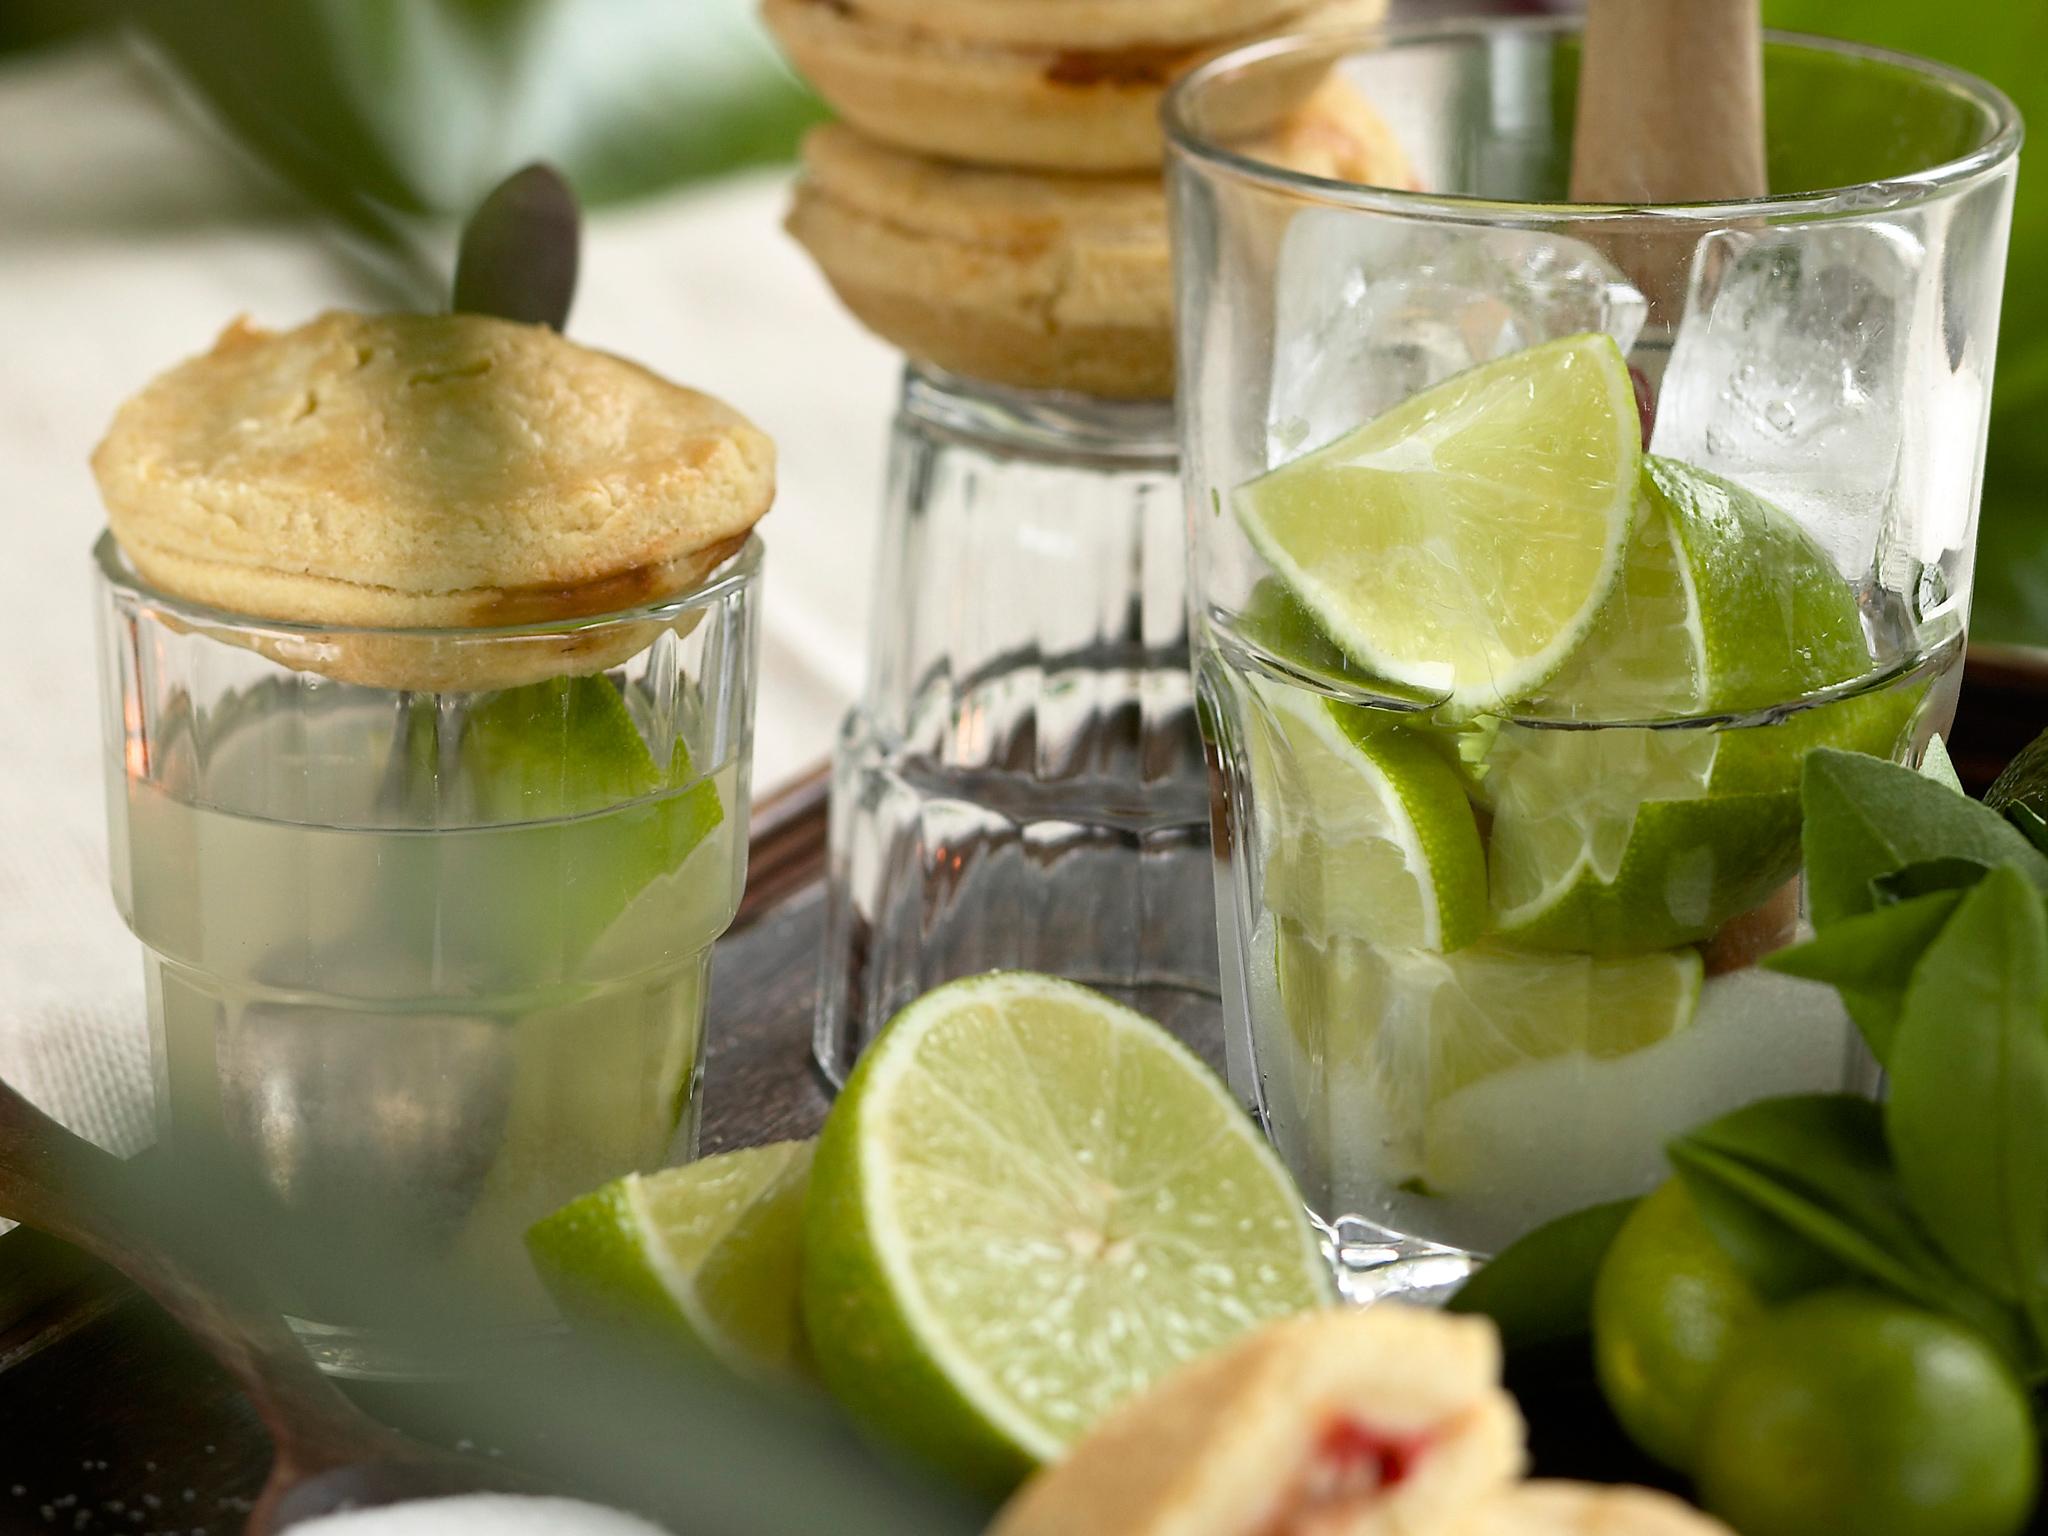 Caipirinha-limetticocktail tai drinkki